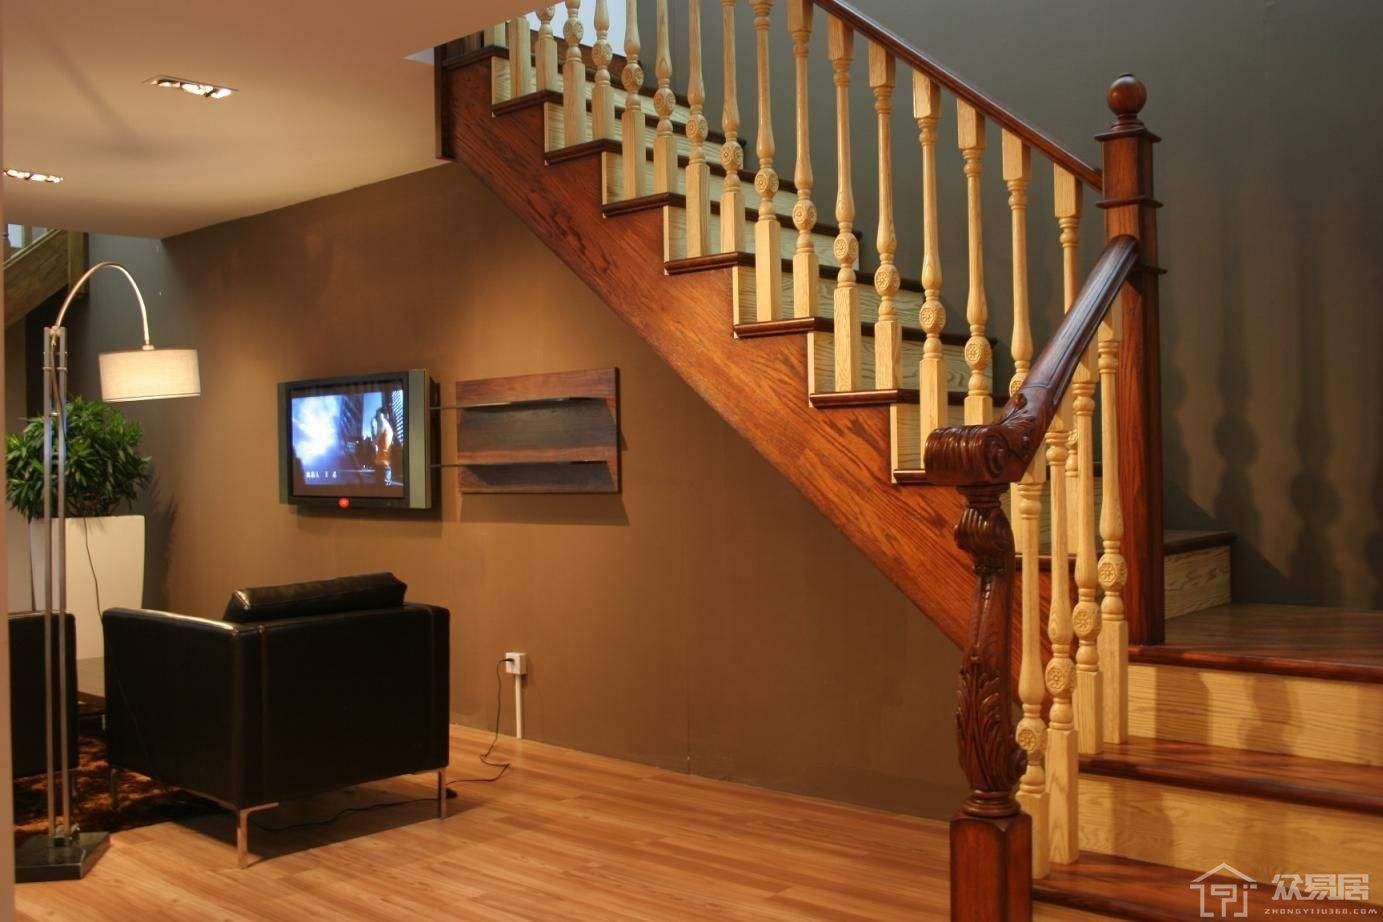 楼梯扶手的高度正常是多少 扶手高度一般怎么测量